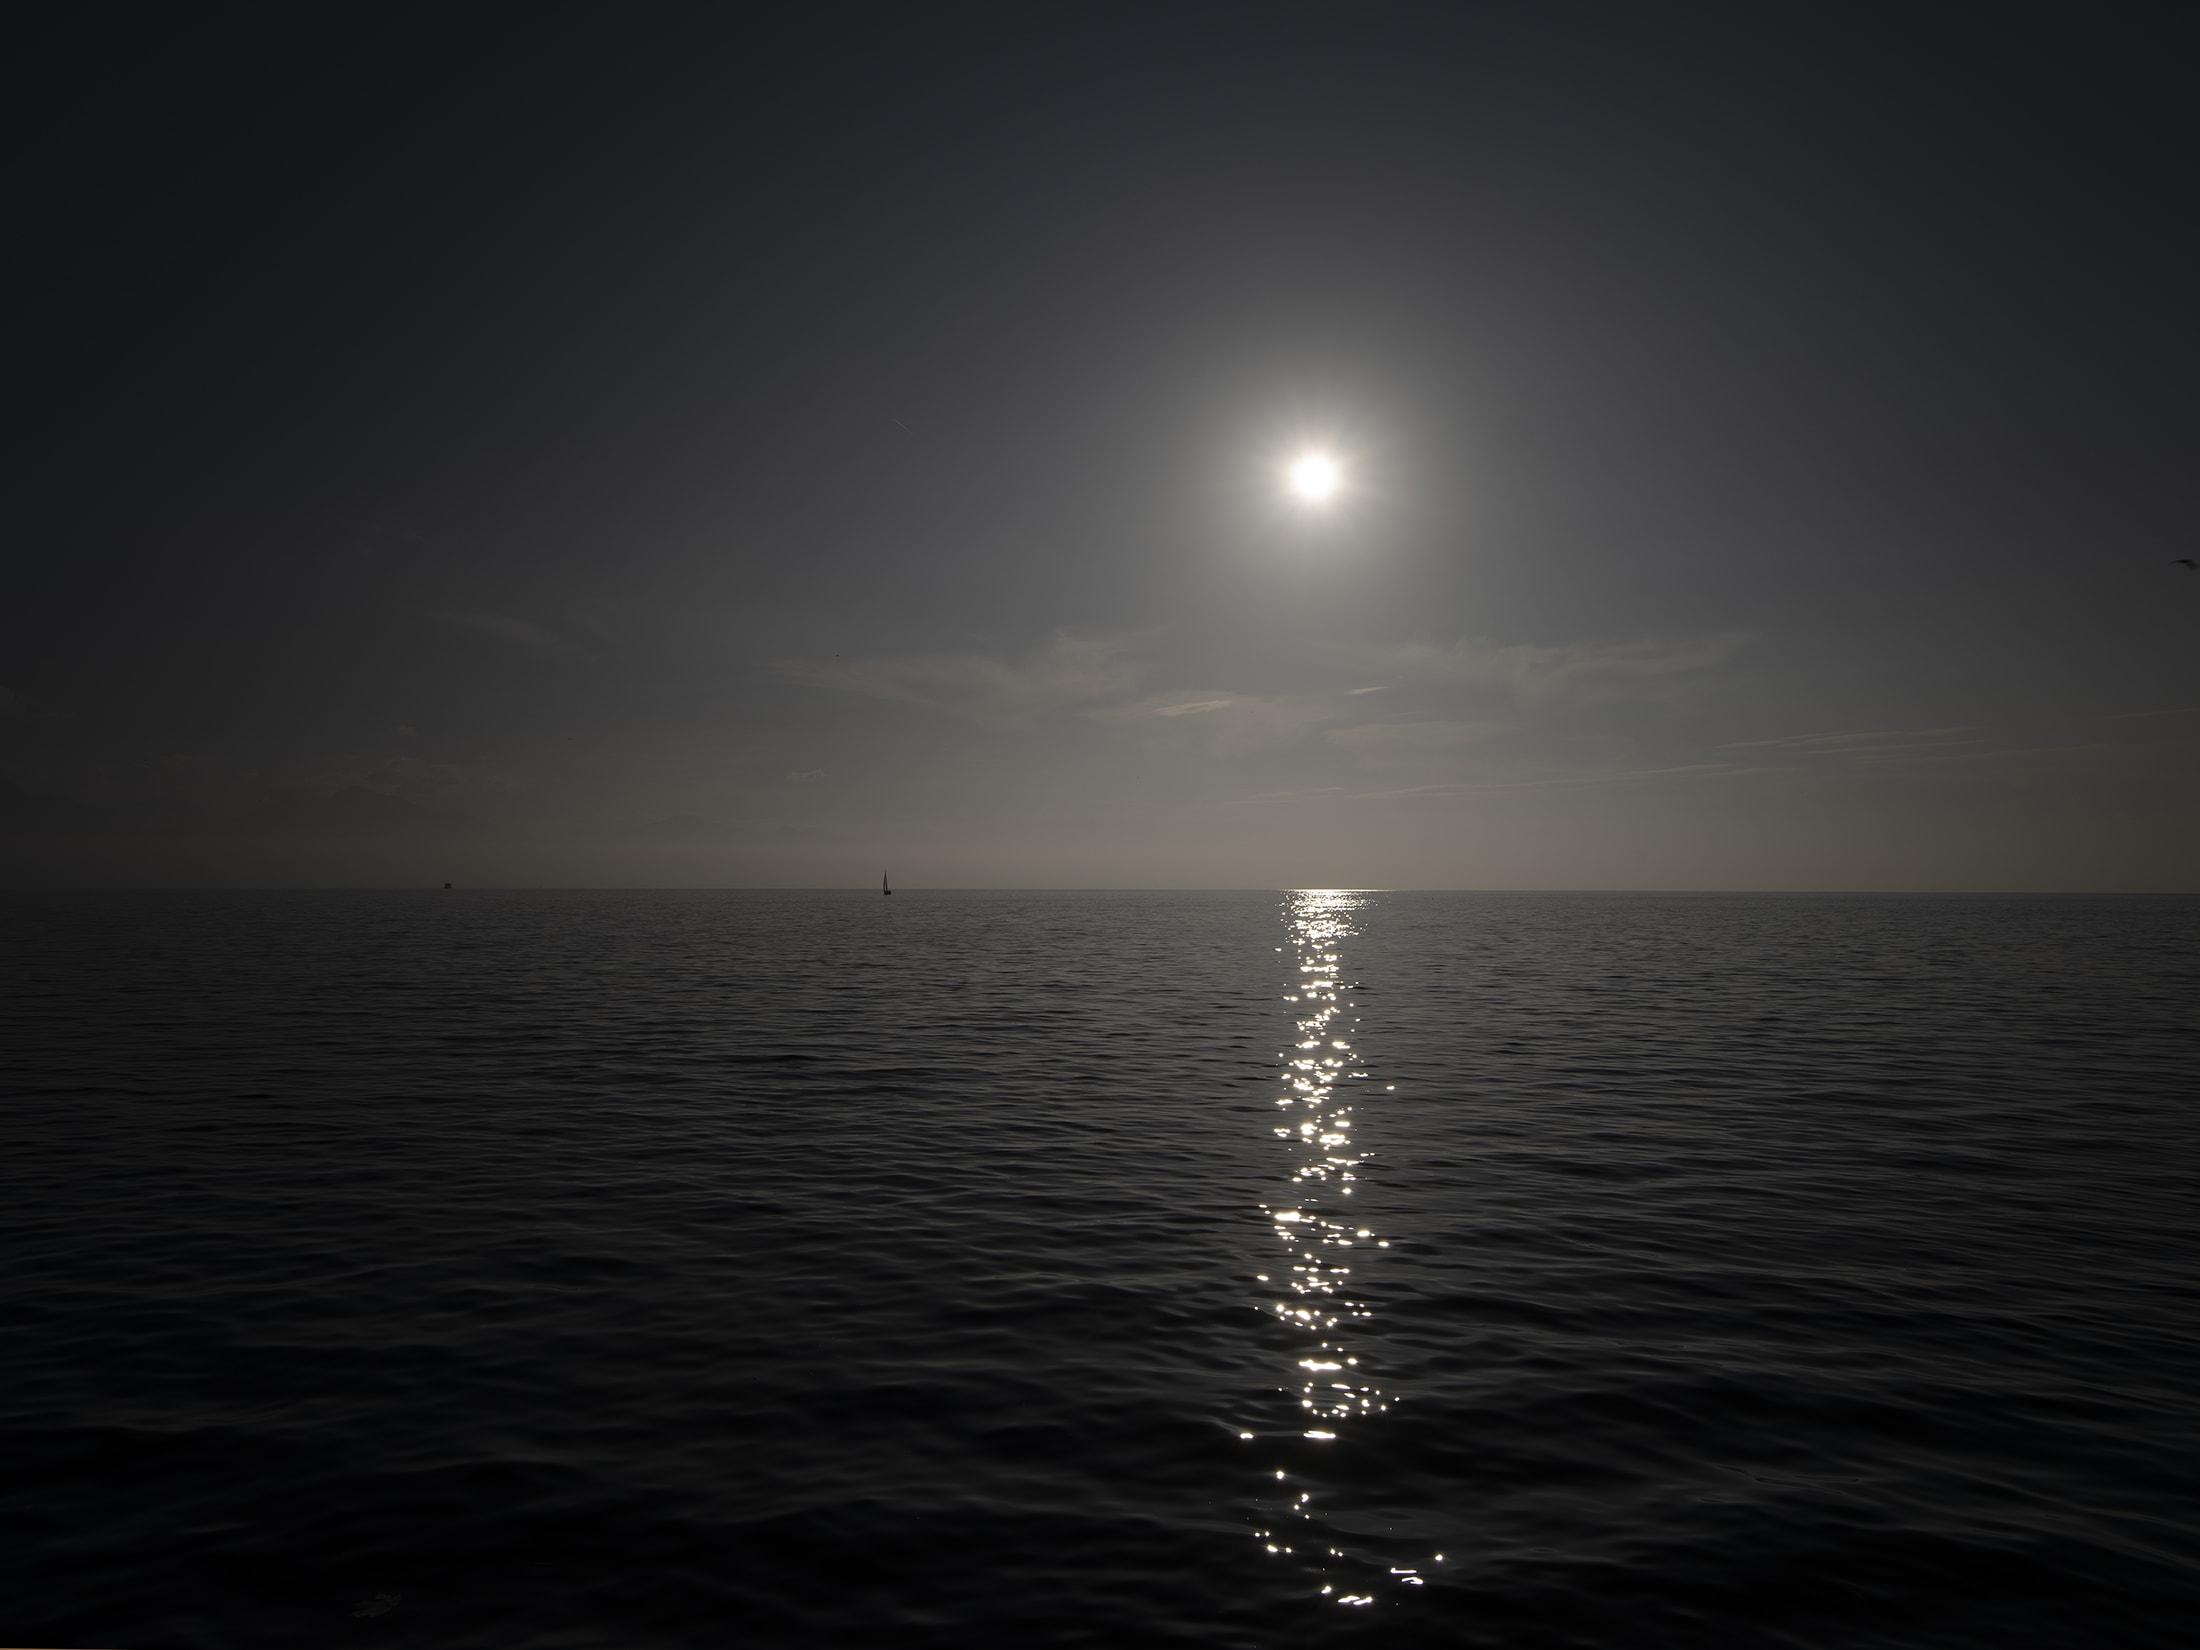 barque sur le lac durant la nuit